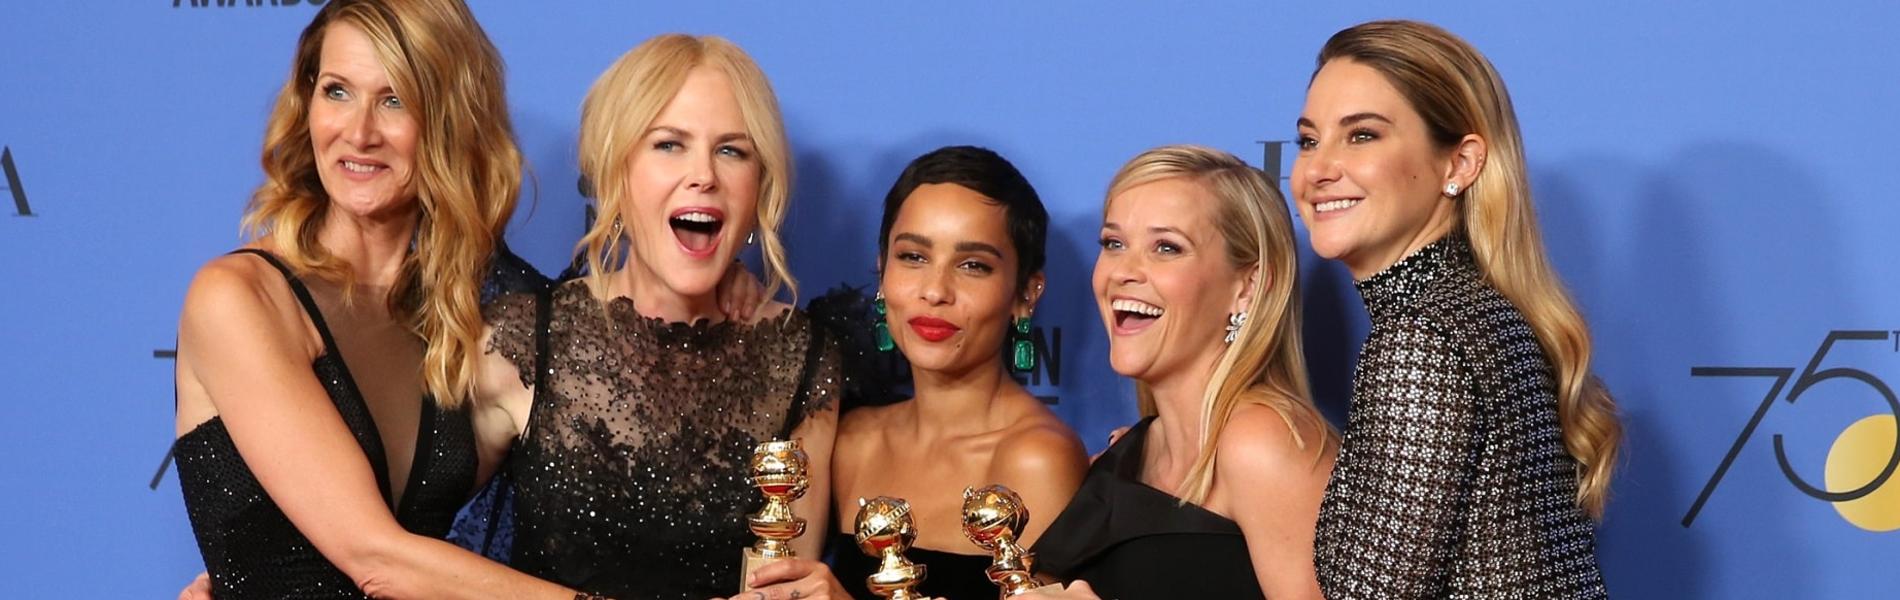 גלובוס הזהב 2018: הוליווד חוגגת את המהפכה